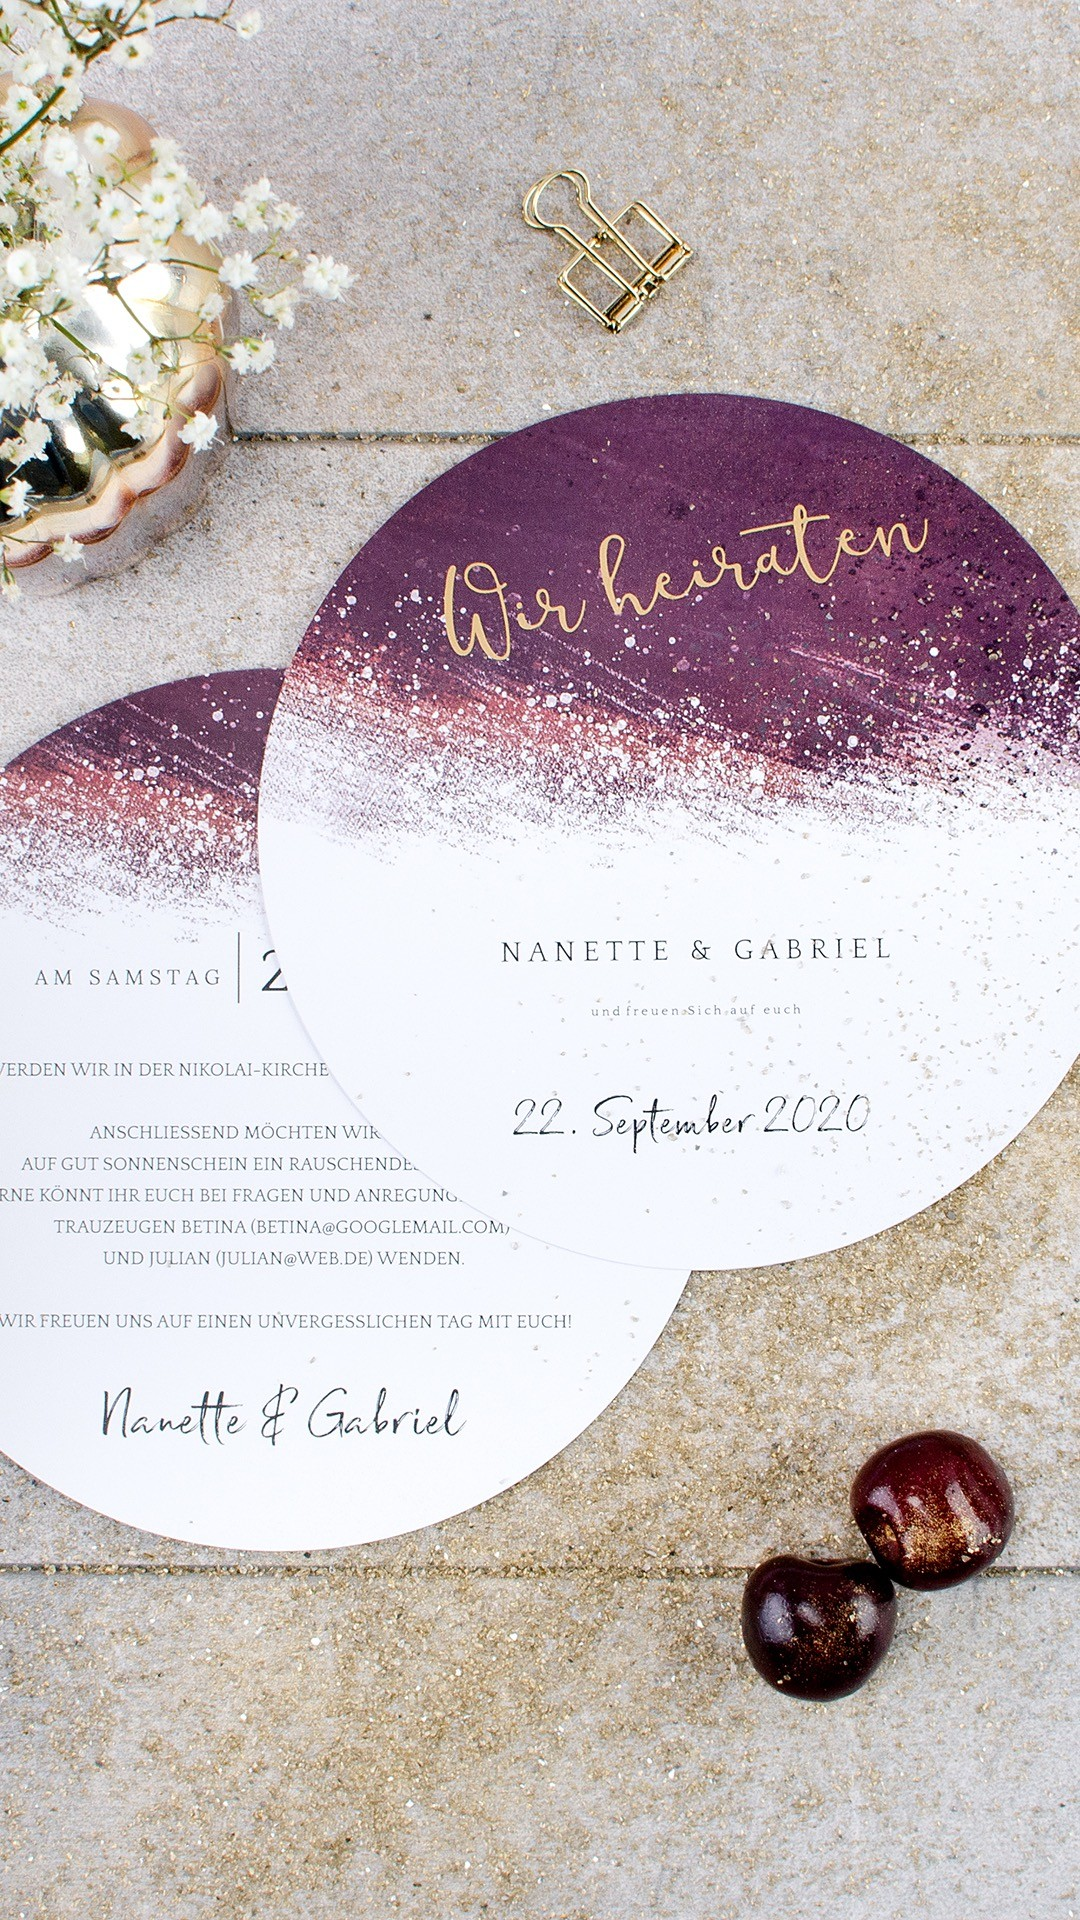 """Kartenserie """"Nanette & Gabriel"""" von Cariñokarten"""